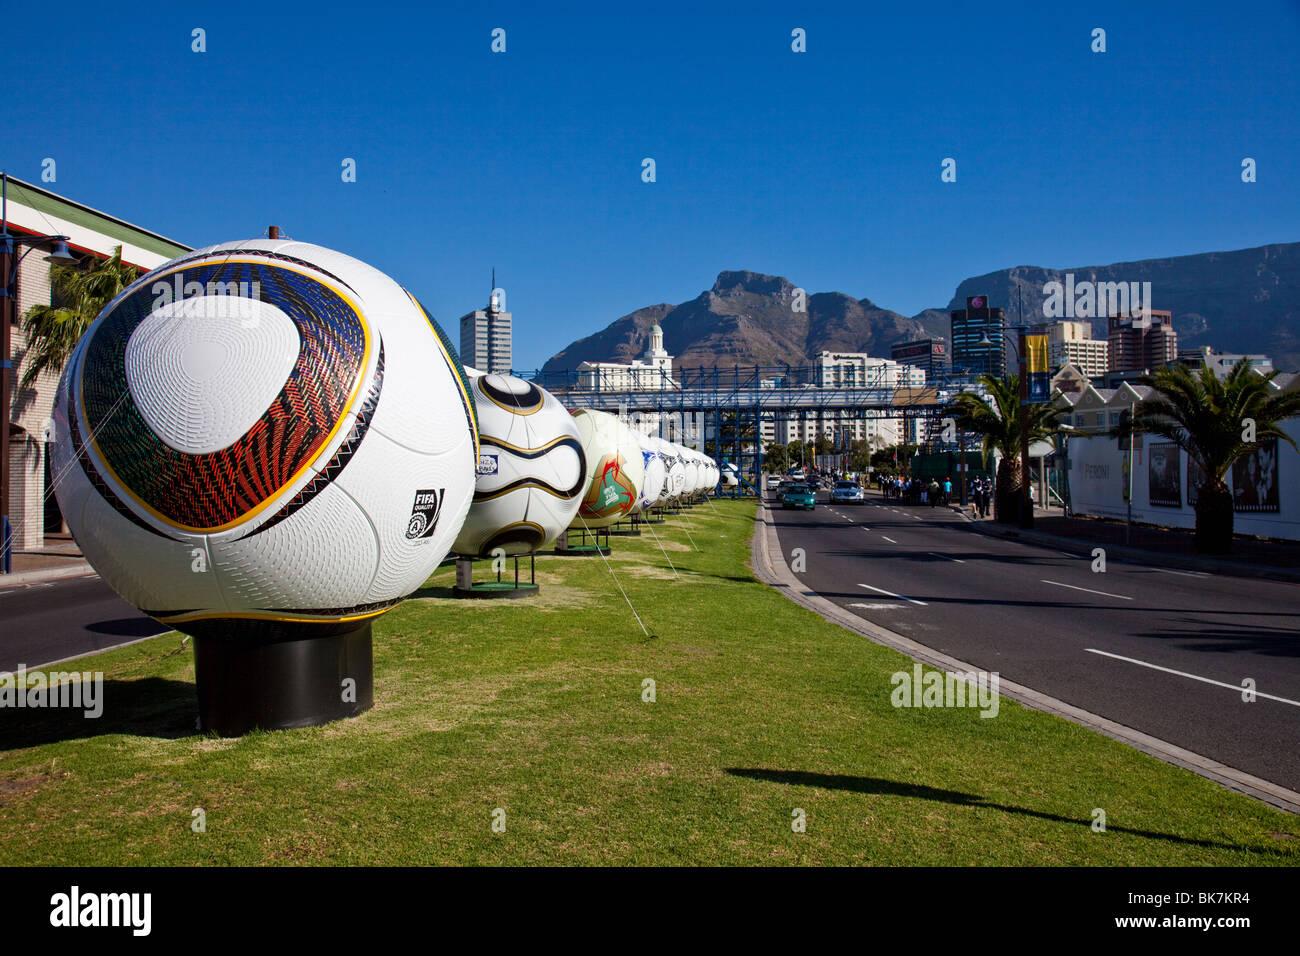 Ballons géants le long d'une route dans la région de Cape Town, Afrique du Sud Banque D'Images